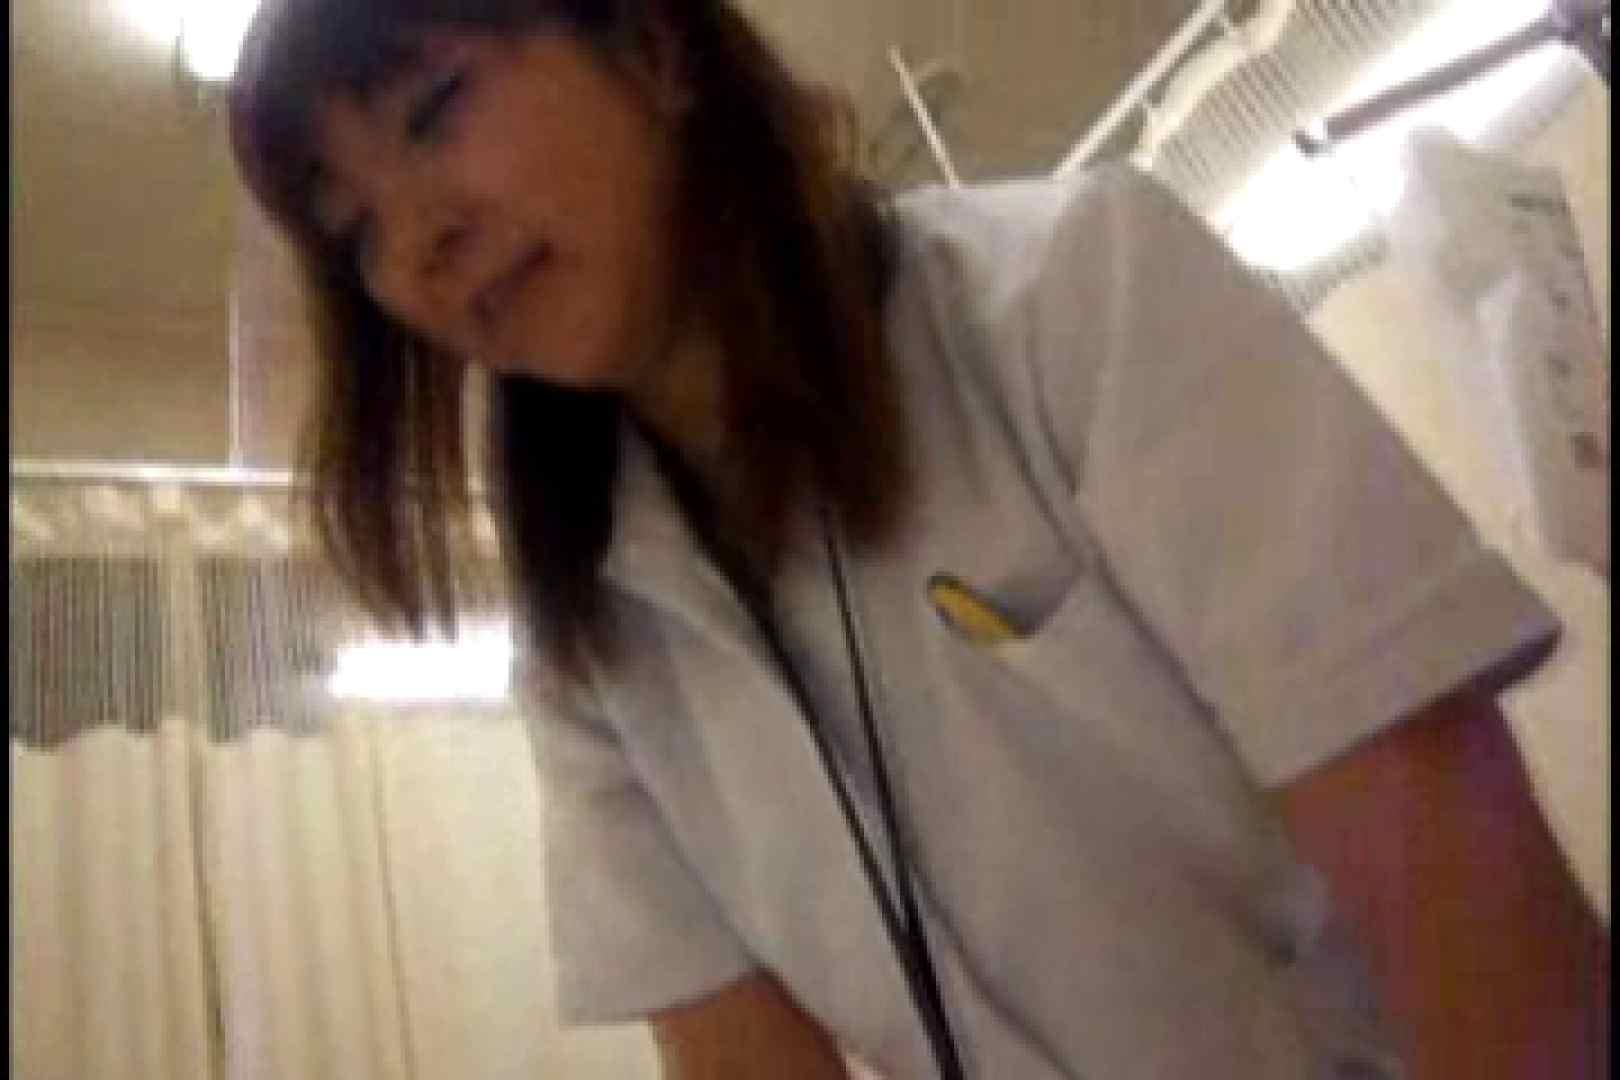 ヤリマンと呼ばれた看護士さんvol1 シックスナイン  98pic 37